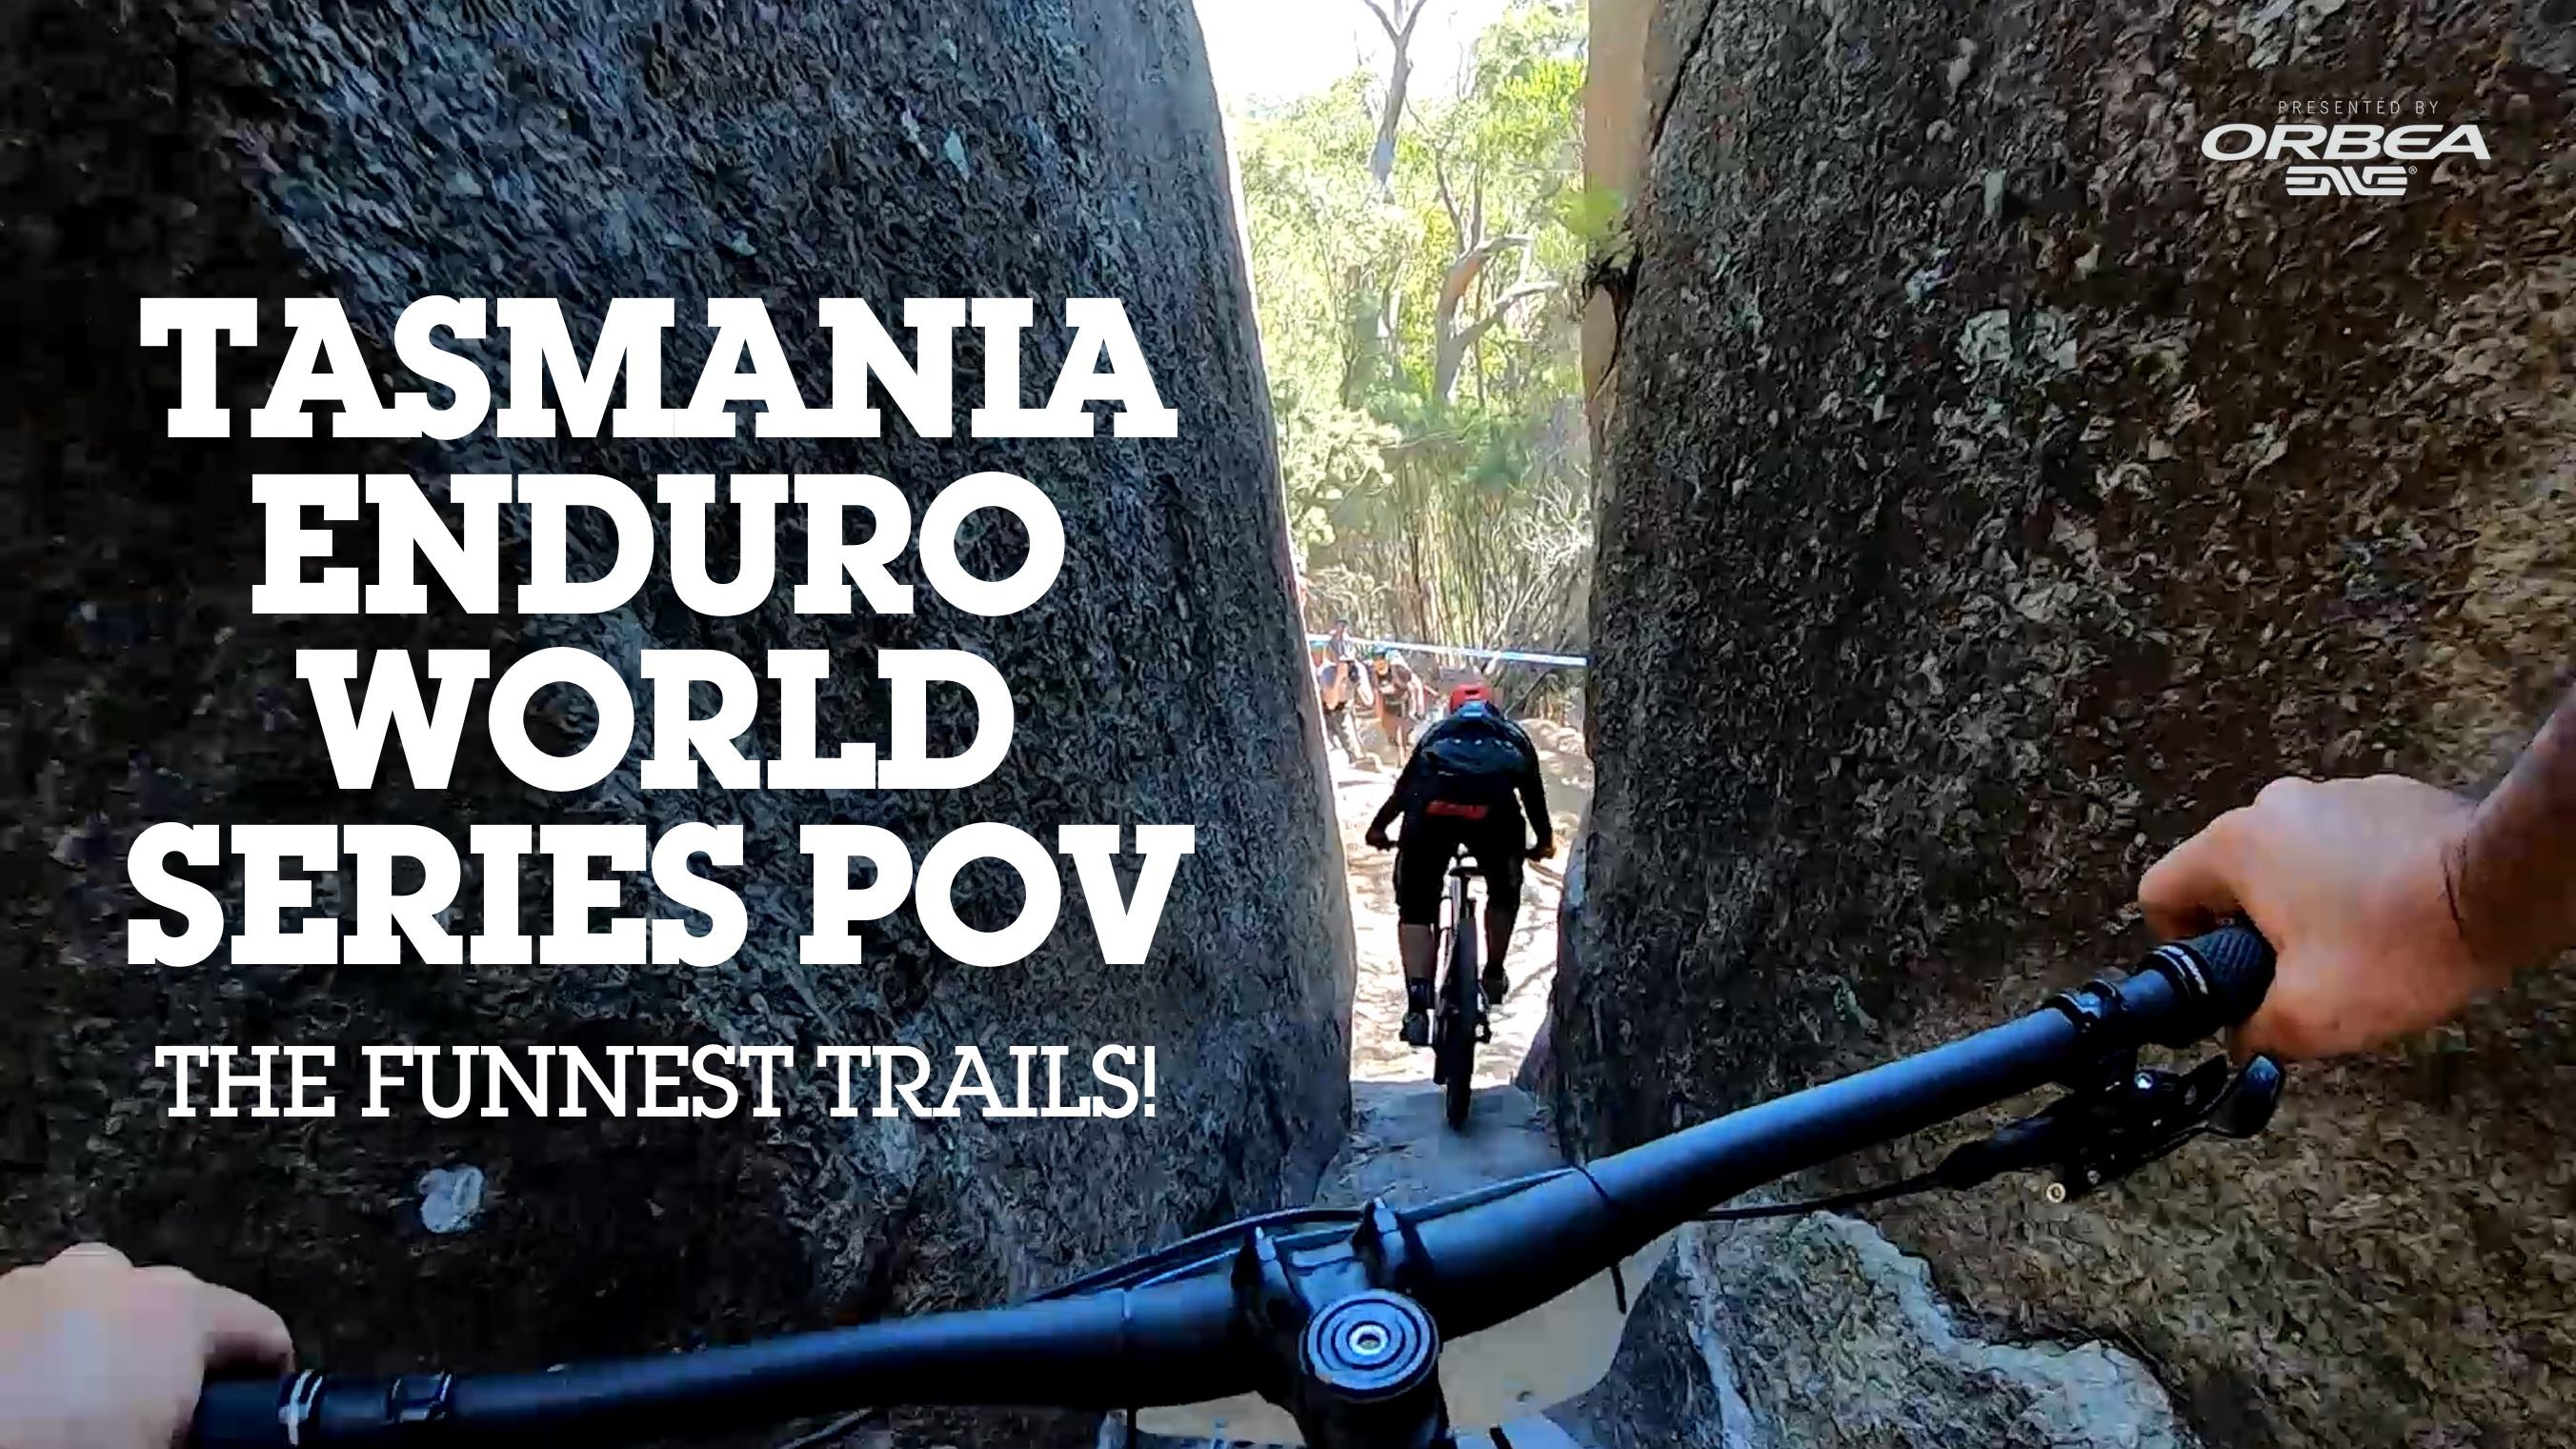 SVEN VS EWS TASMANIA - The Funnest Trails!